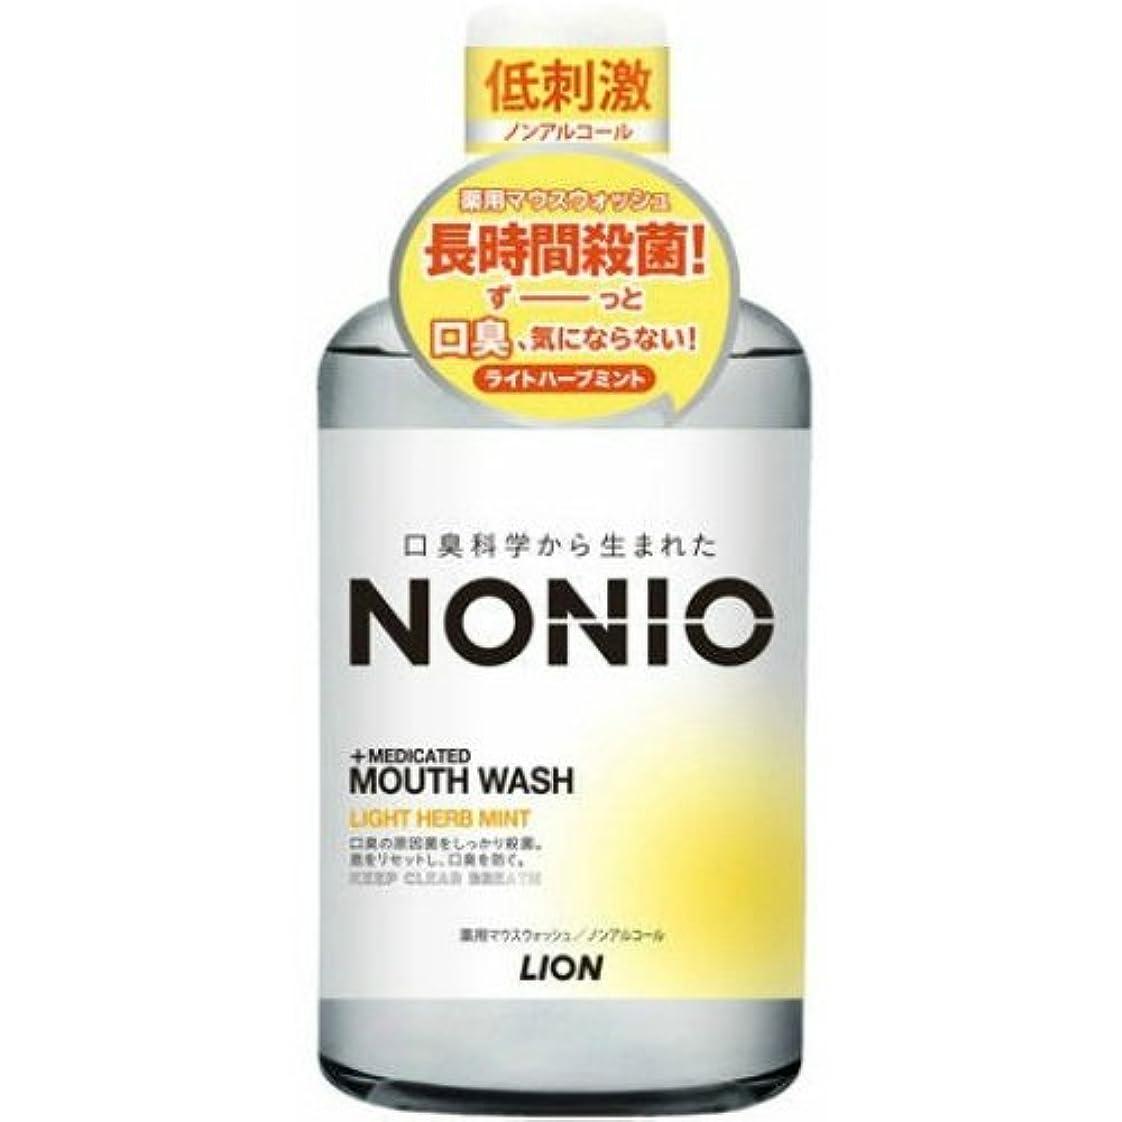 経済的余裕がある消化器LION ライオン ノニオ NONIO 薬用マウスウォッシュ ノンアルコール ライトハーブミント 600ml 医薬部外品 ×012点セット(4903301259398)